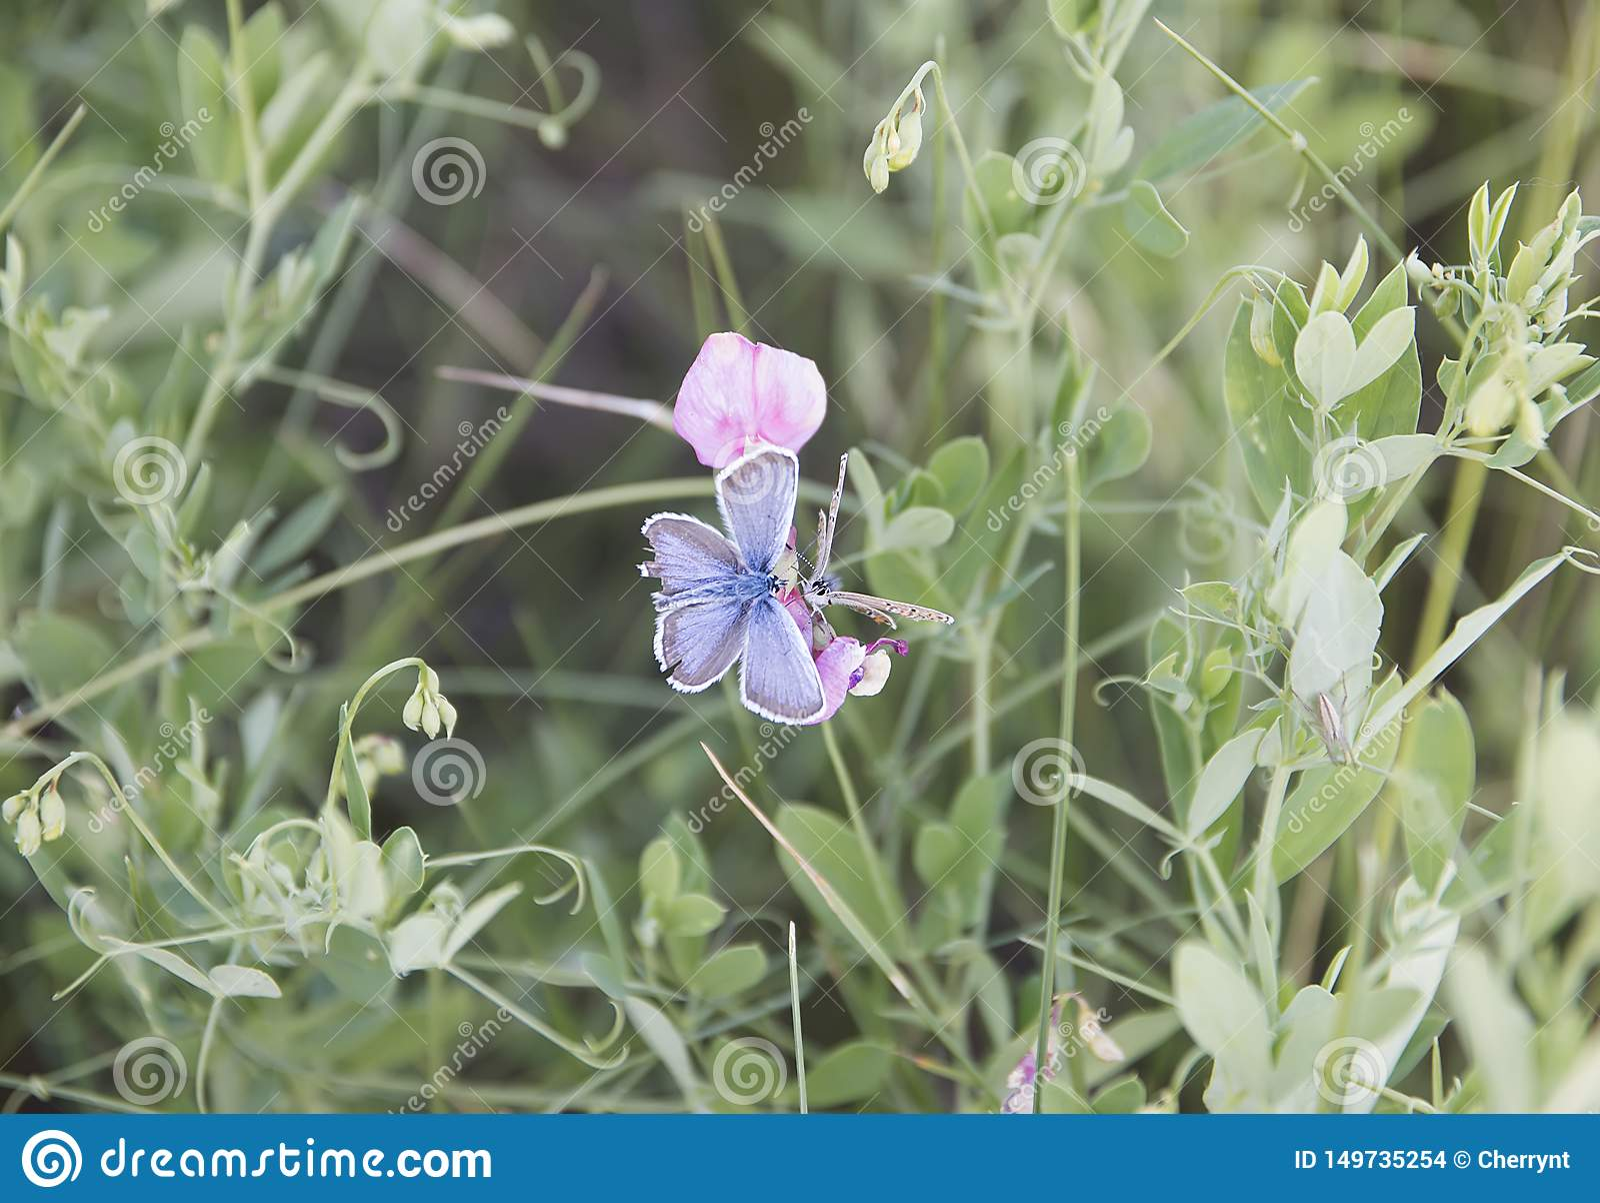 Dos mariposas, sentándose en una flor